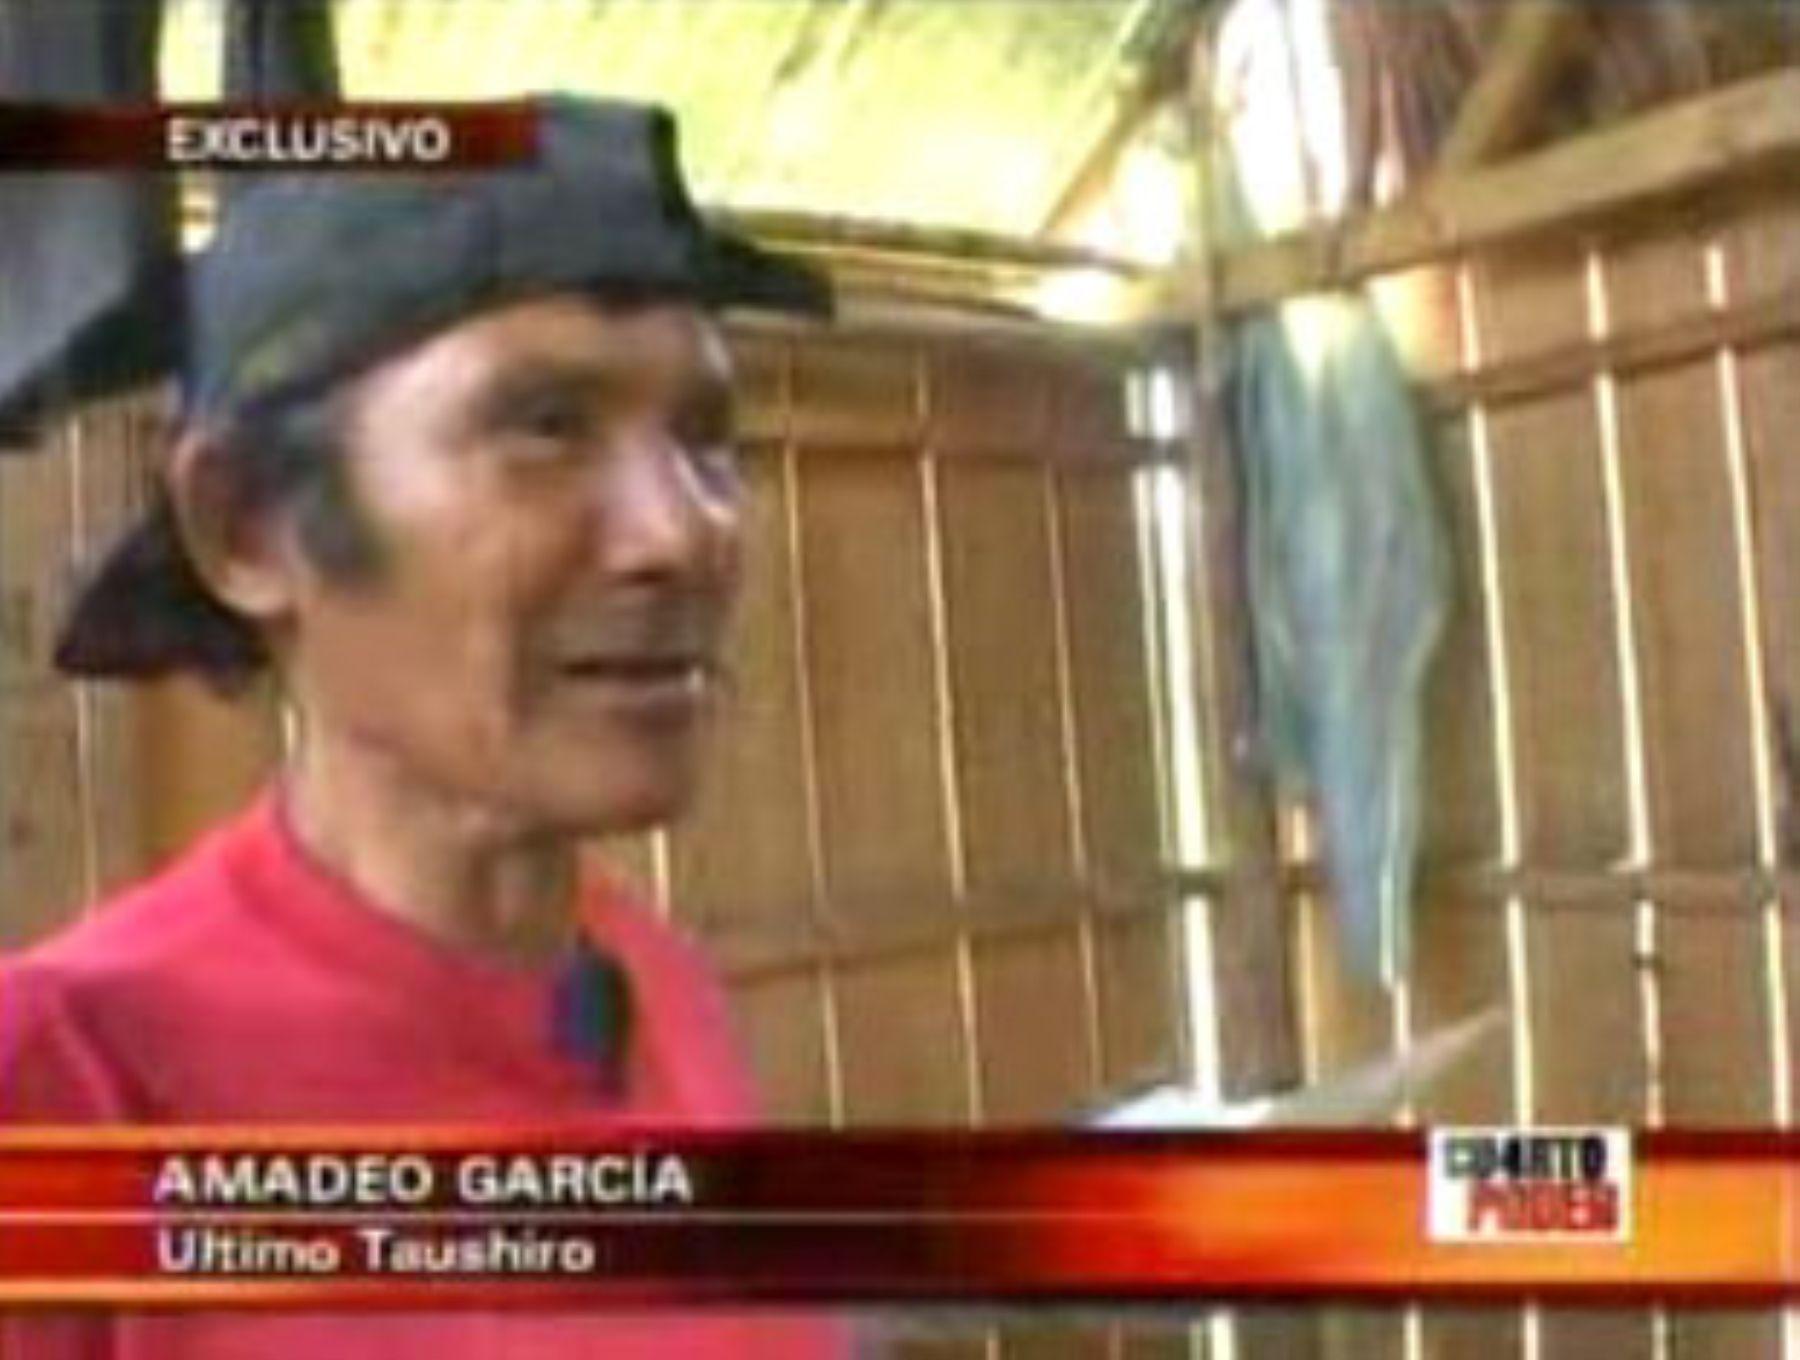 Ultimo taushiro peruano, Amadeo García. Foto: Andina/Captura TV